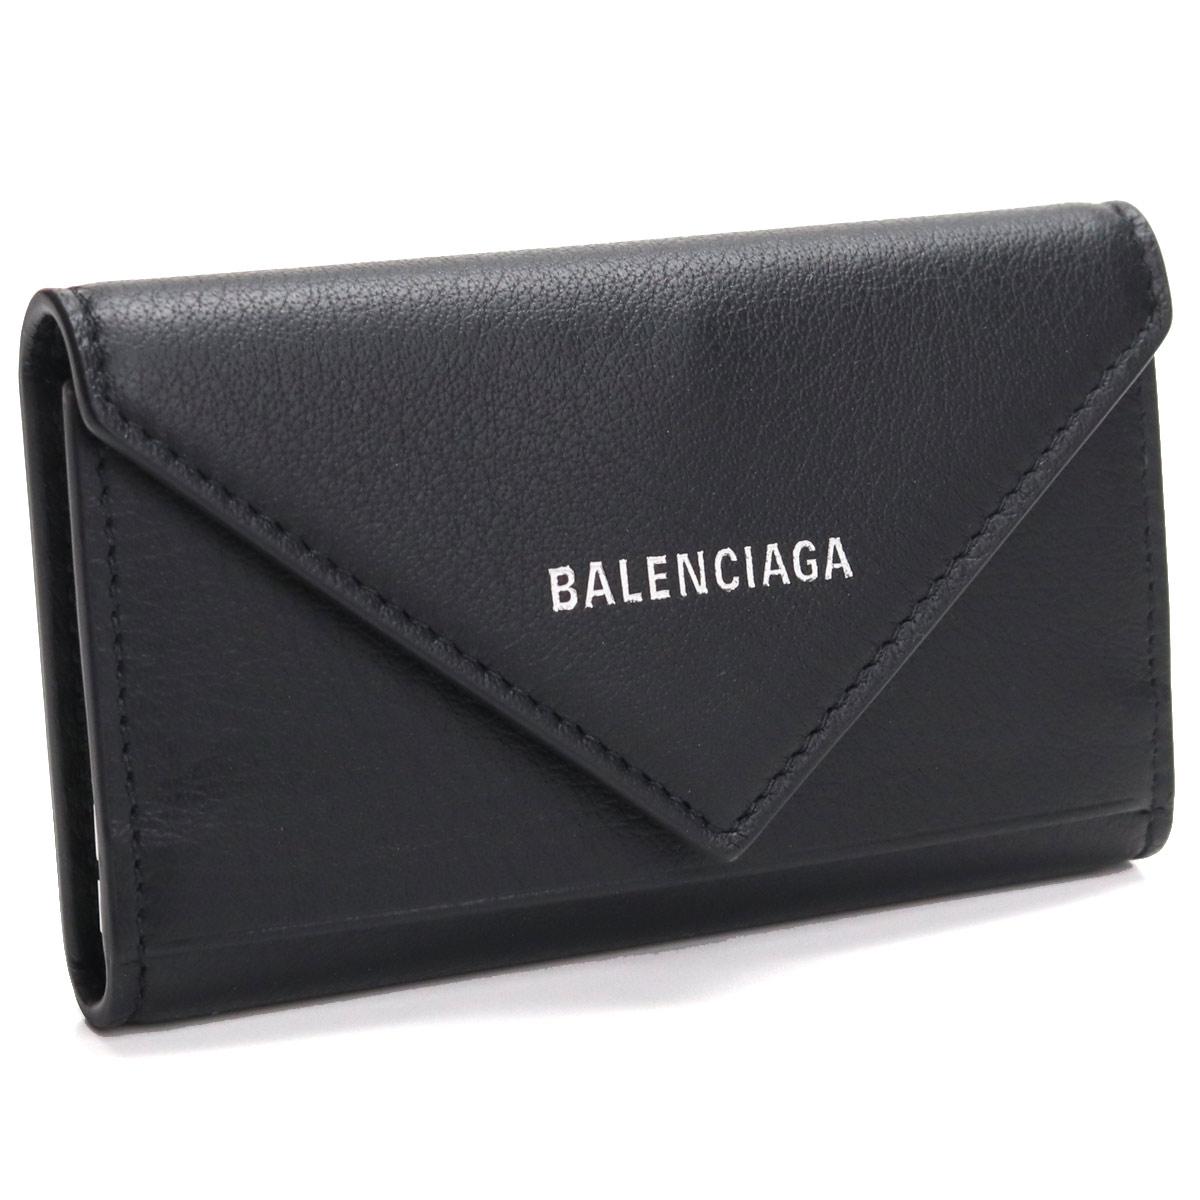 バレンシアガ BALENCIAGA PAPER ペーパー 6連キーケース 499204 DLQ0N 1000 NERO ブラック 【レディース】